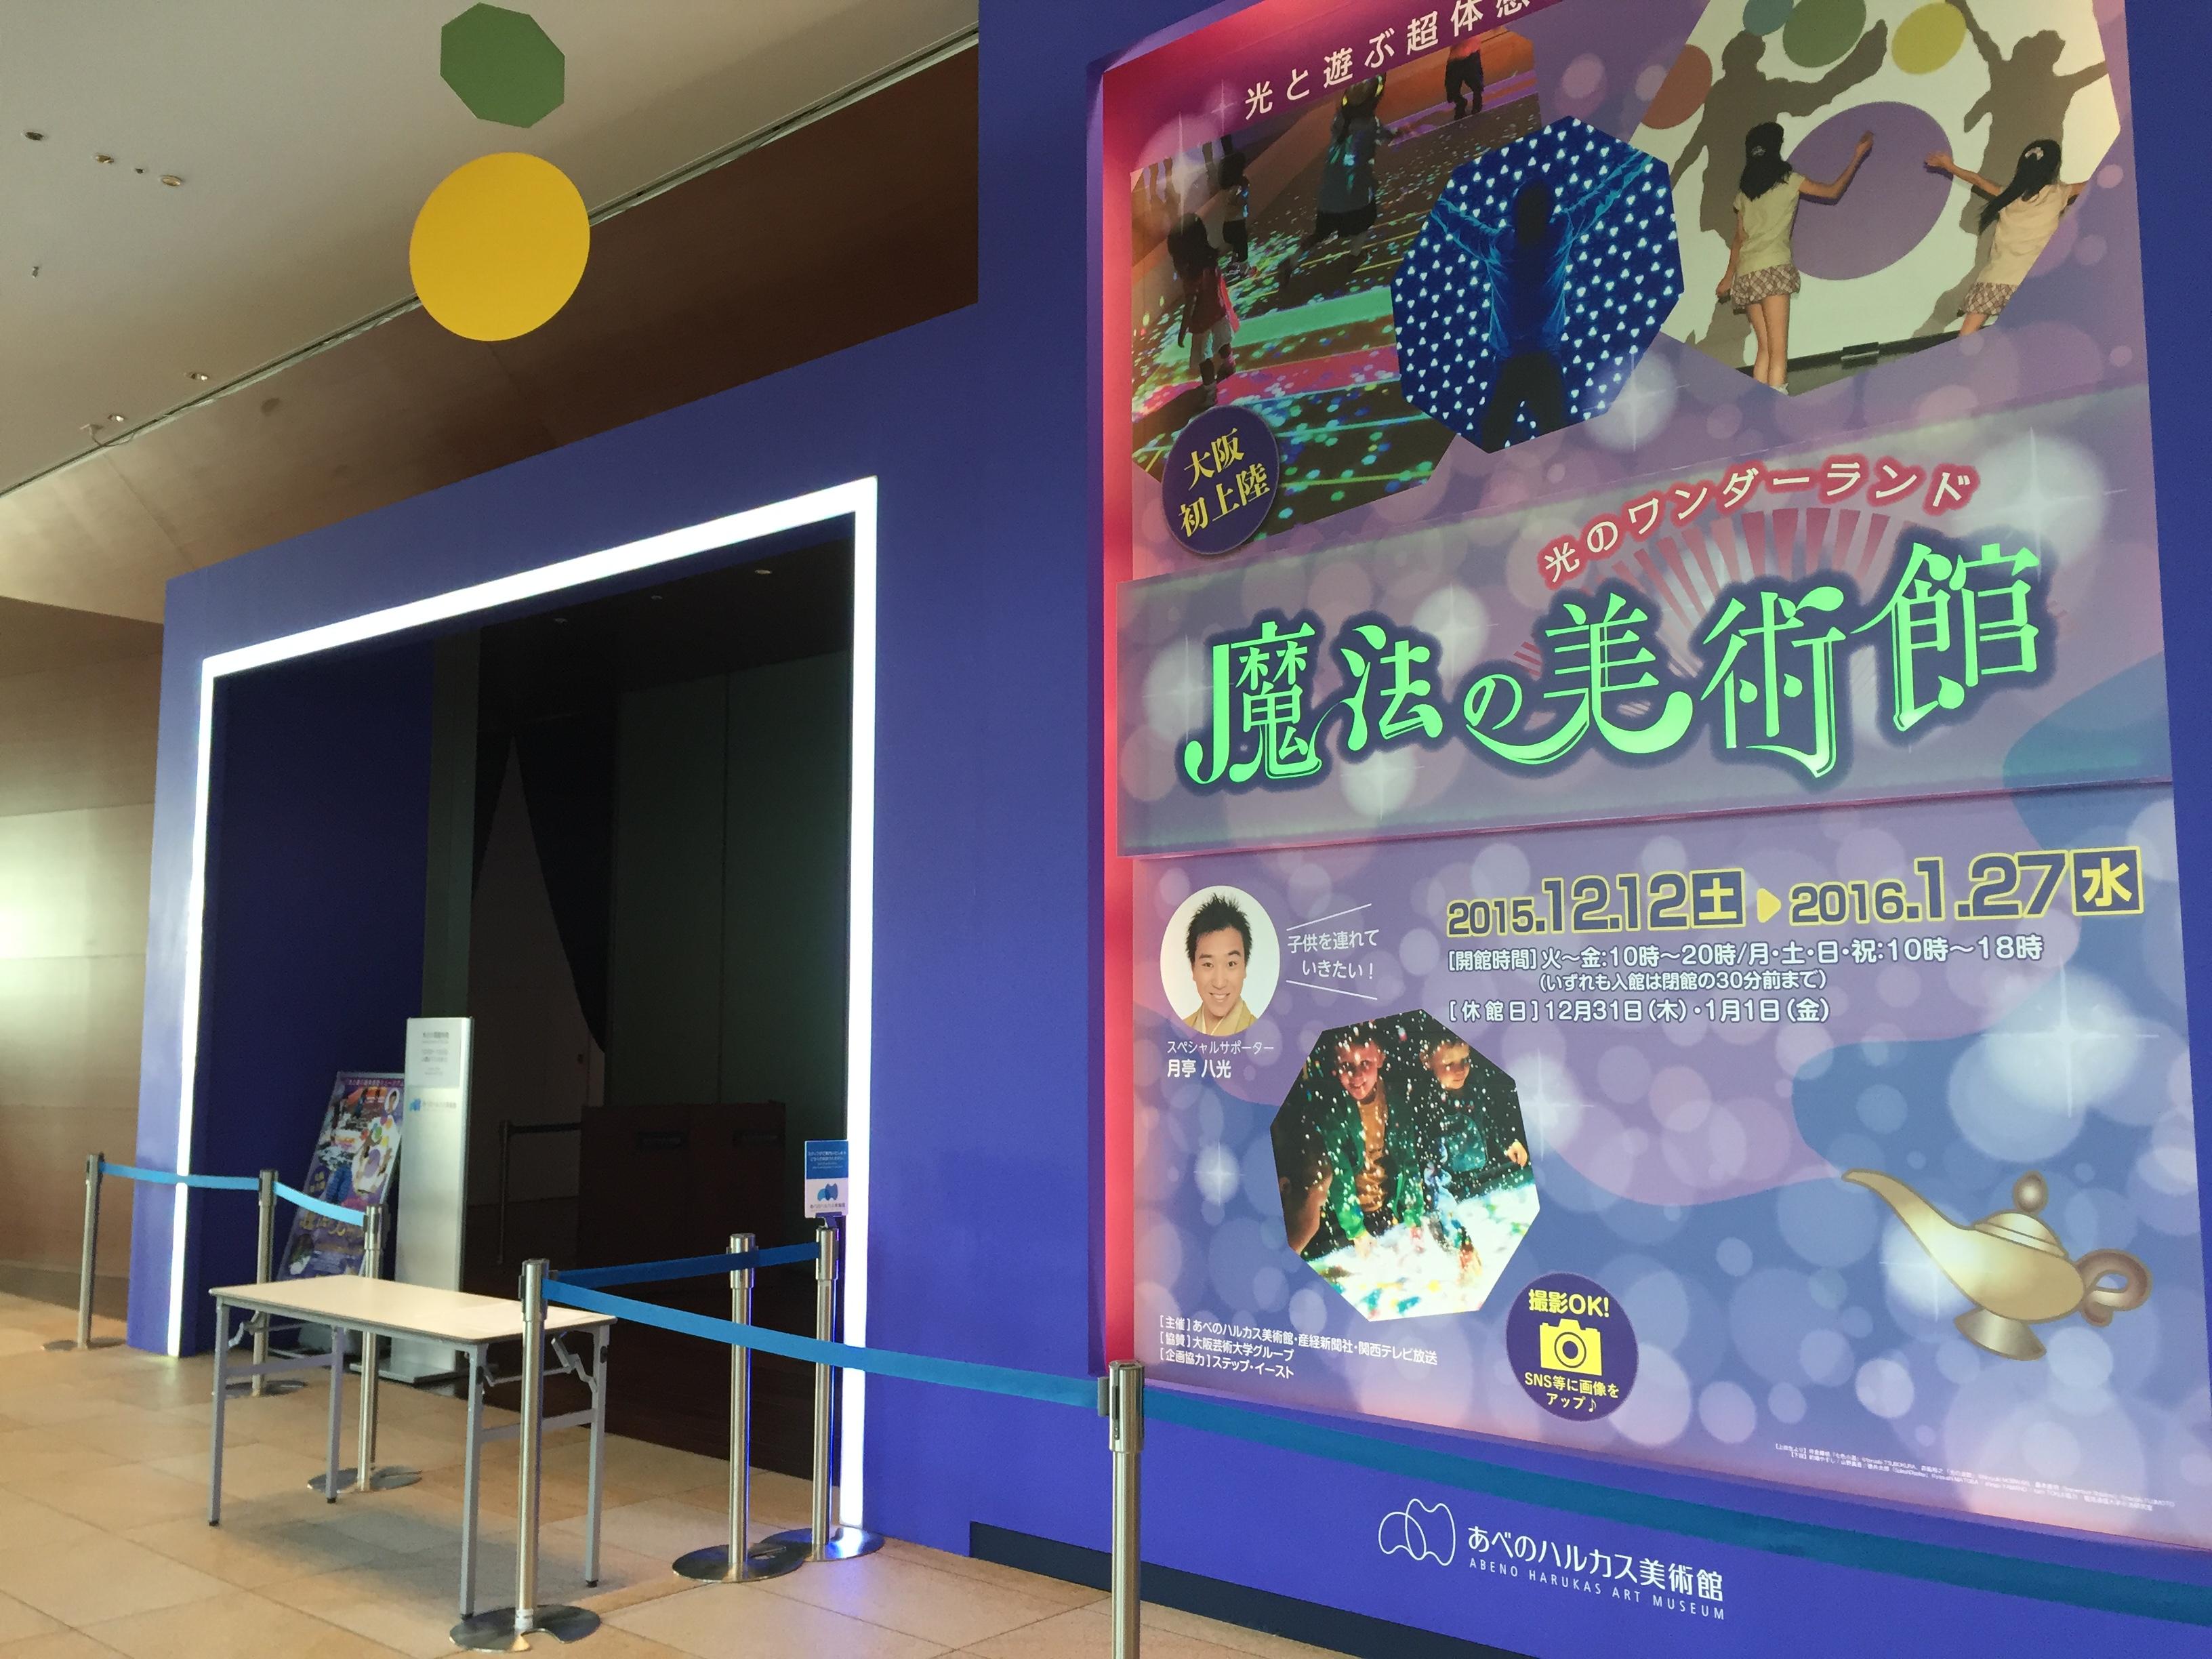 大阪初上陸☆光のワンダーランド魔法の美術館へ♪